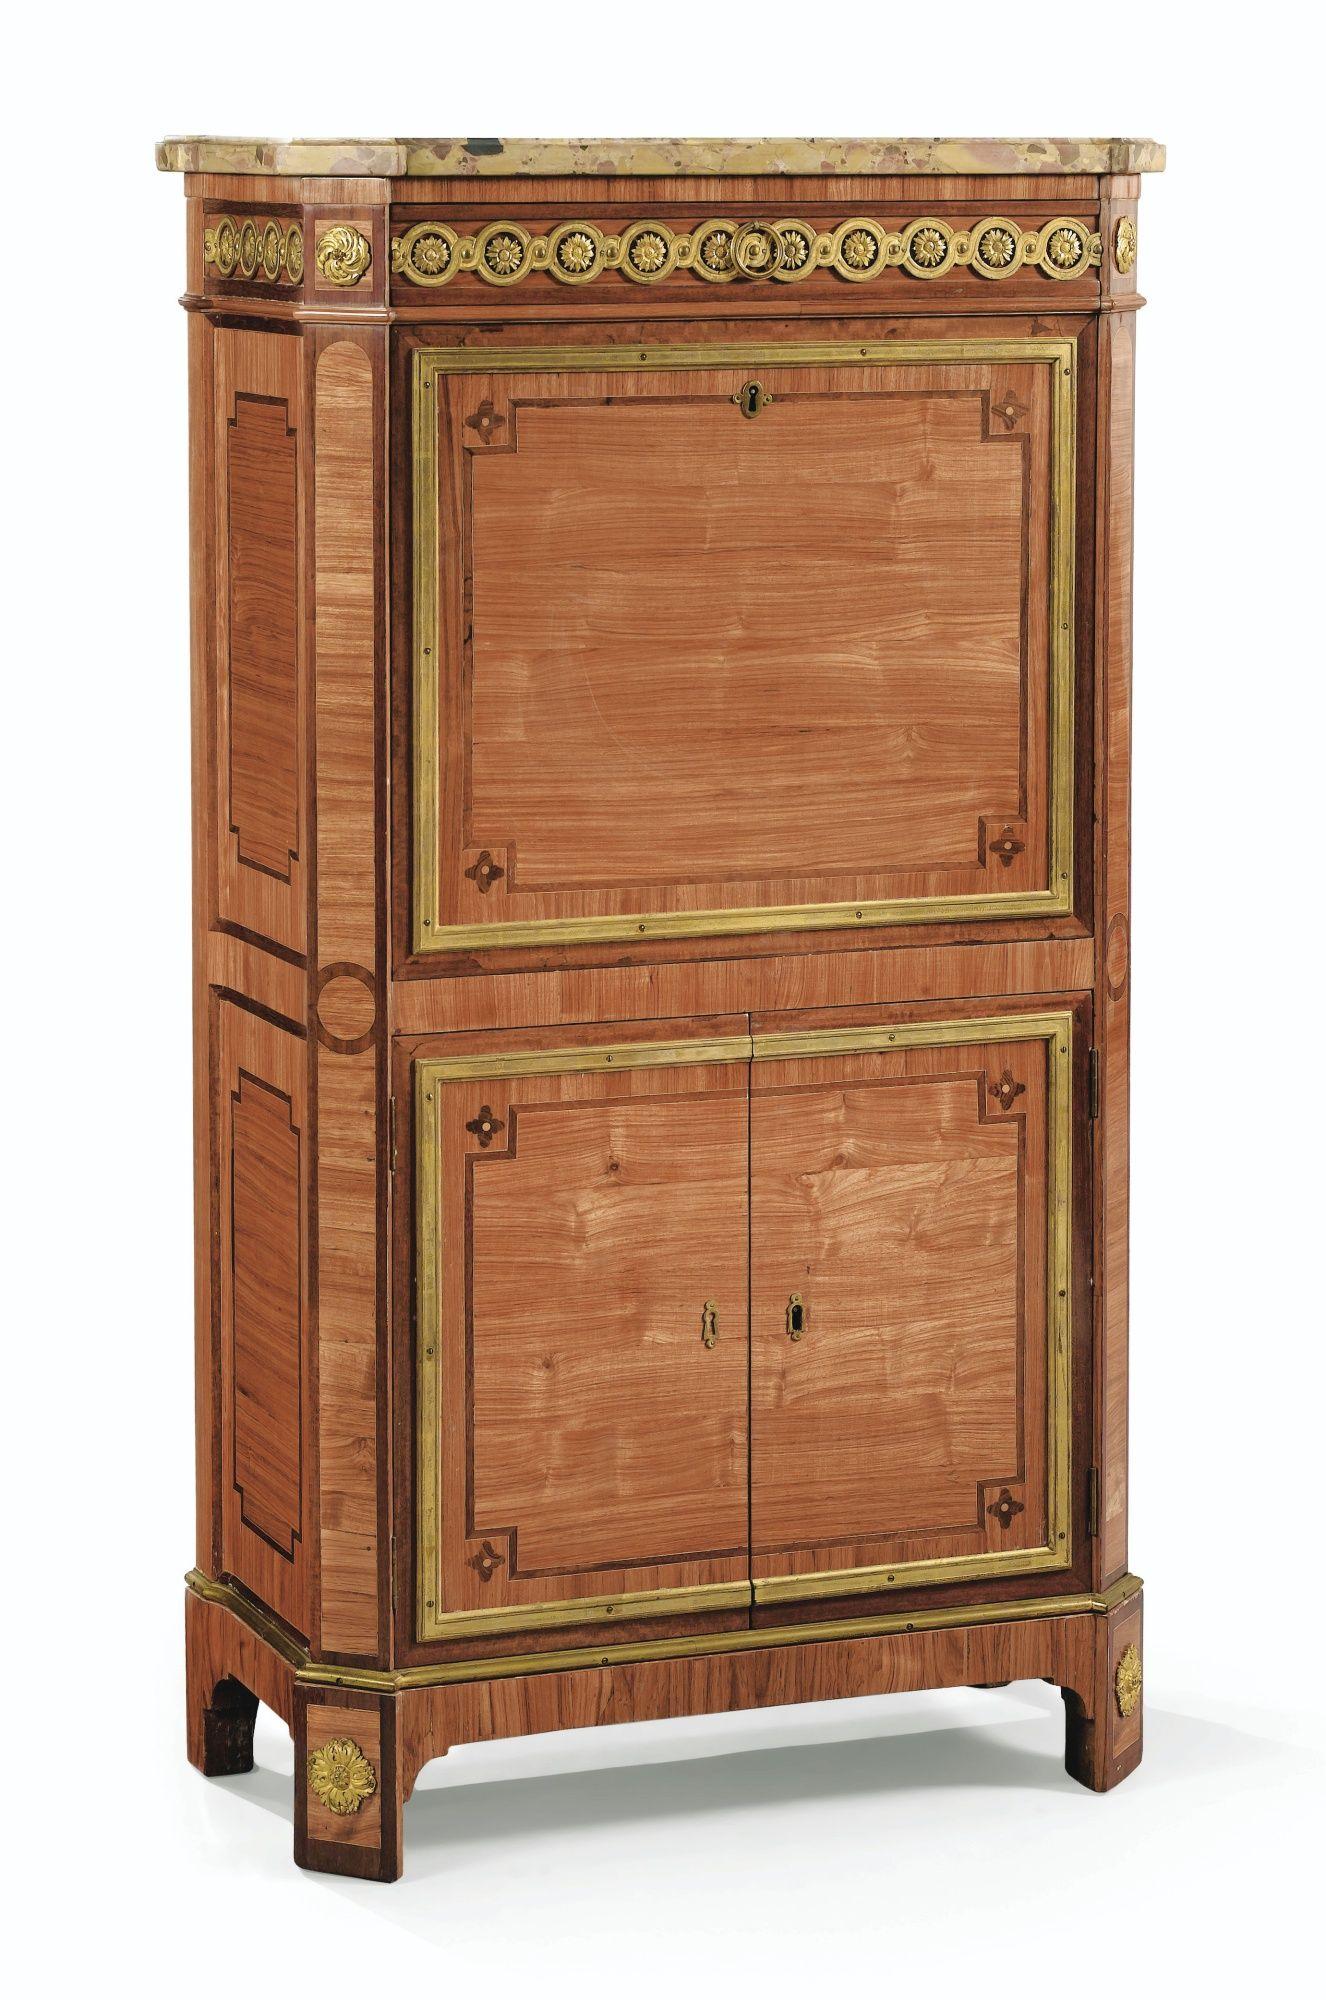 secretaire a abattant en placage de bois de rose et amarante et montures de bronze dore